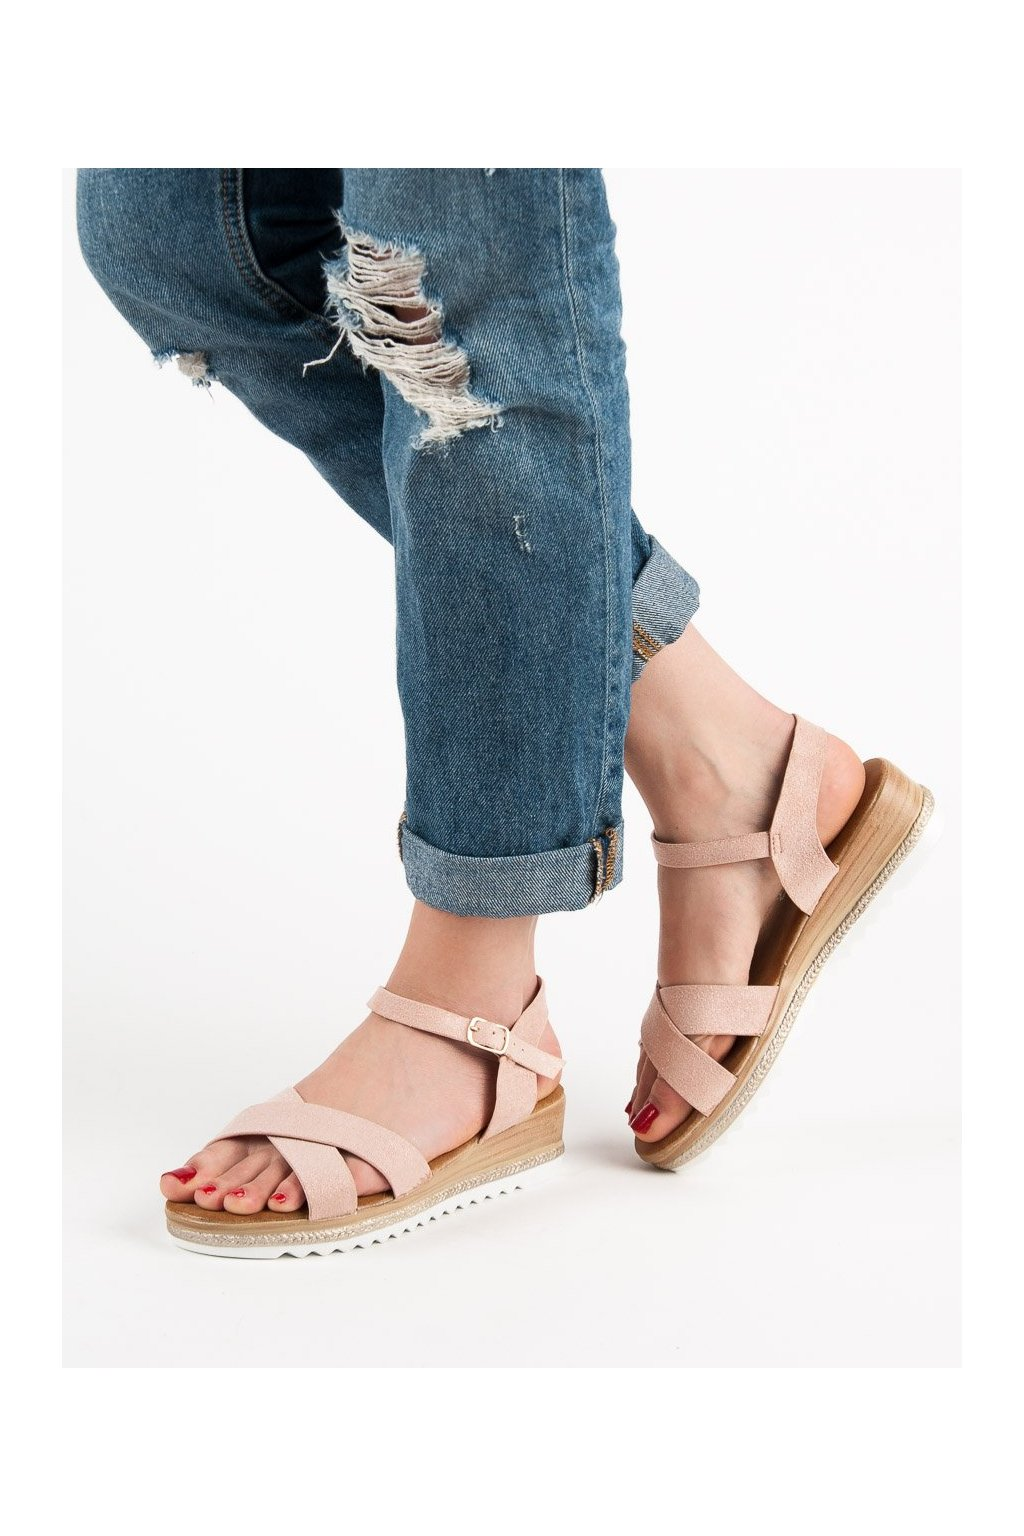 Ružové sandále na platforme Bello star S72P